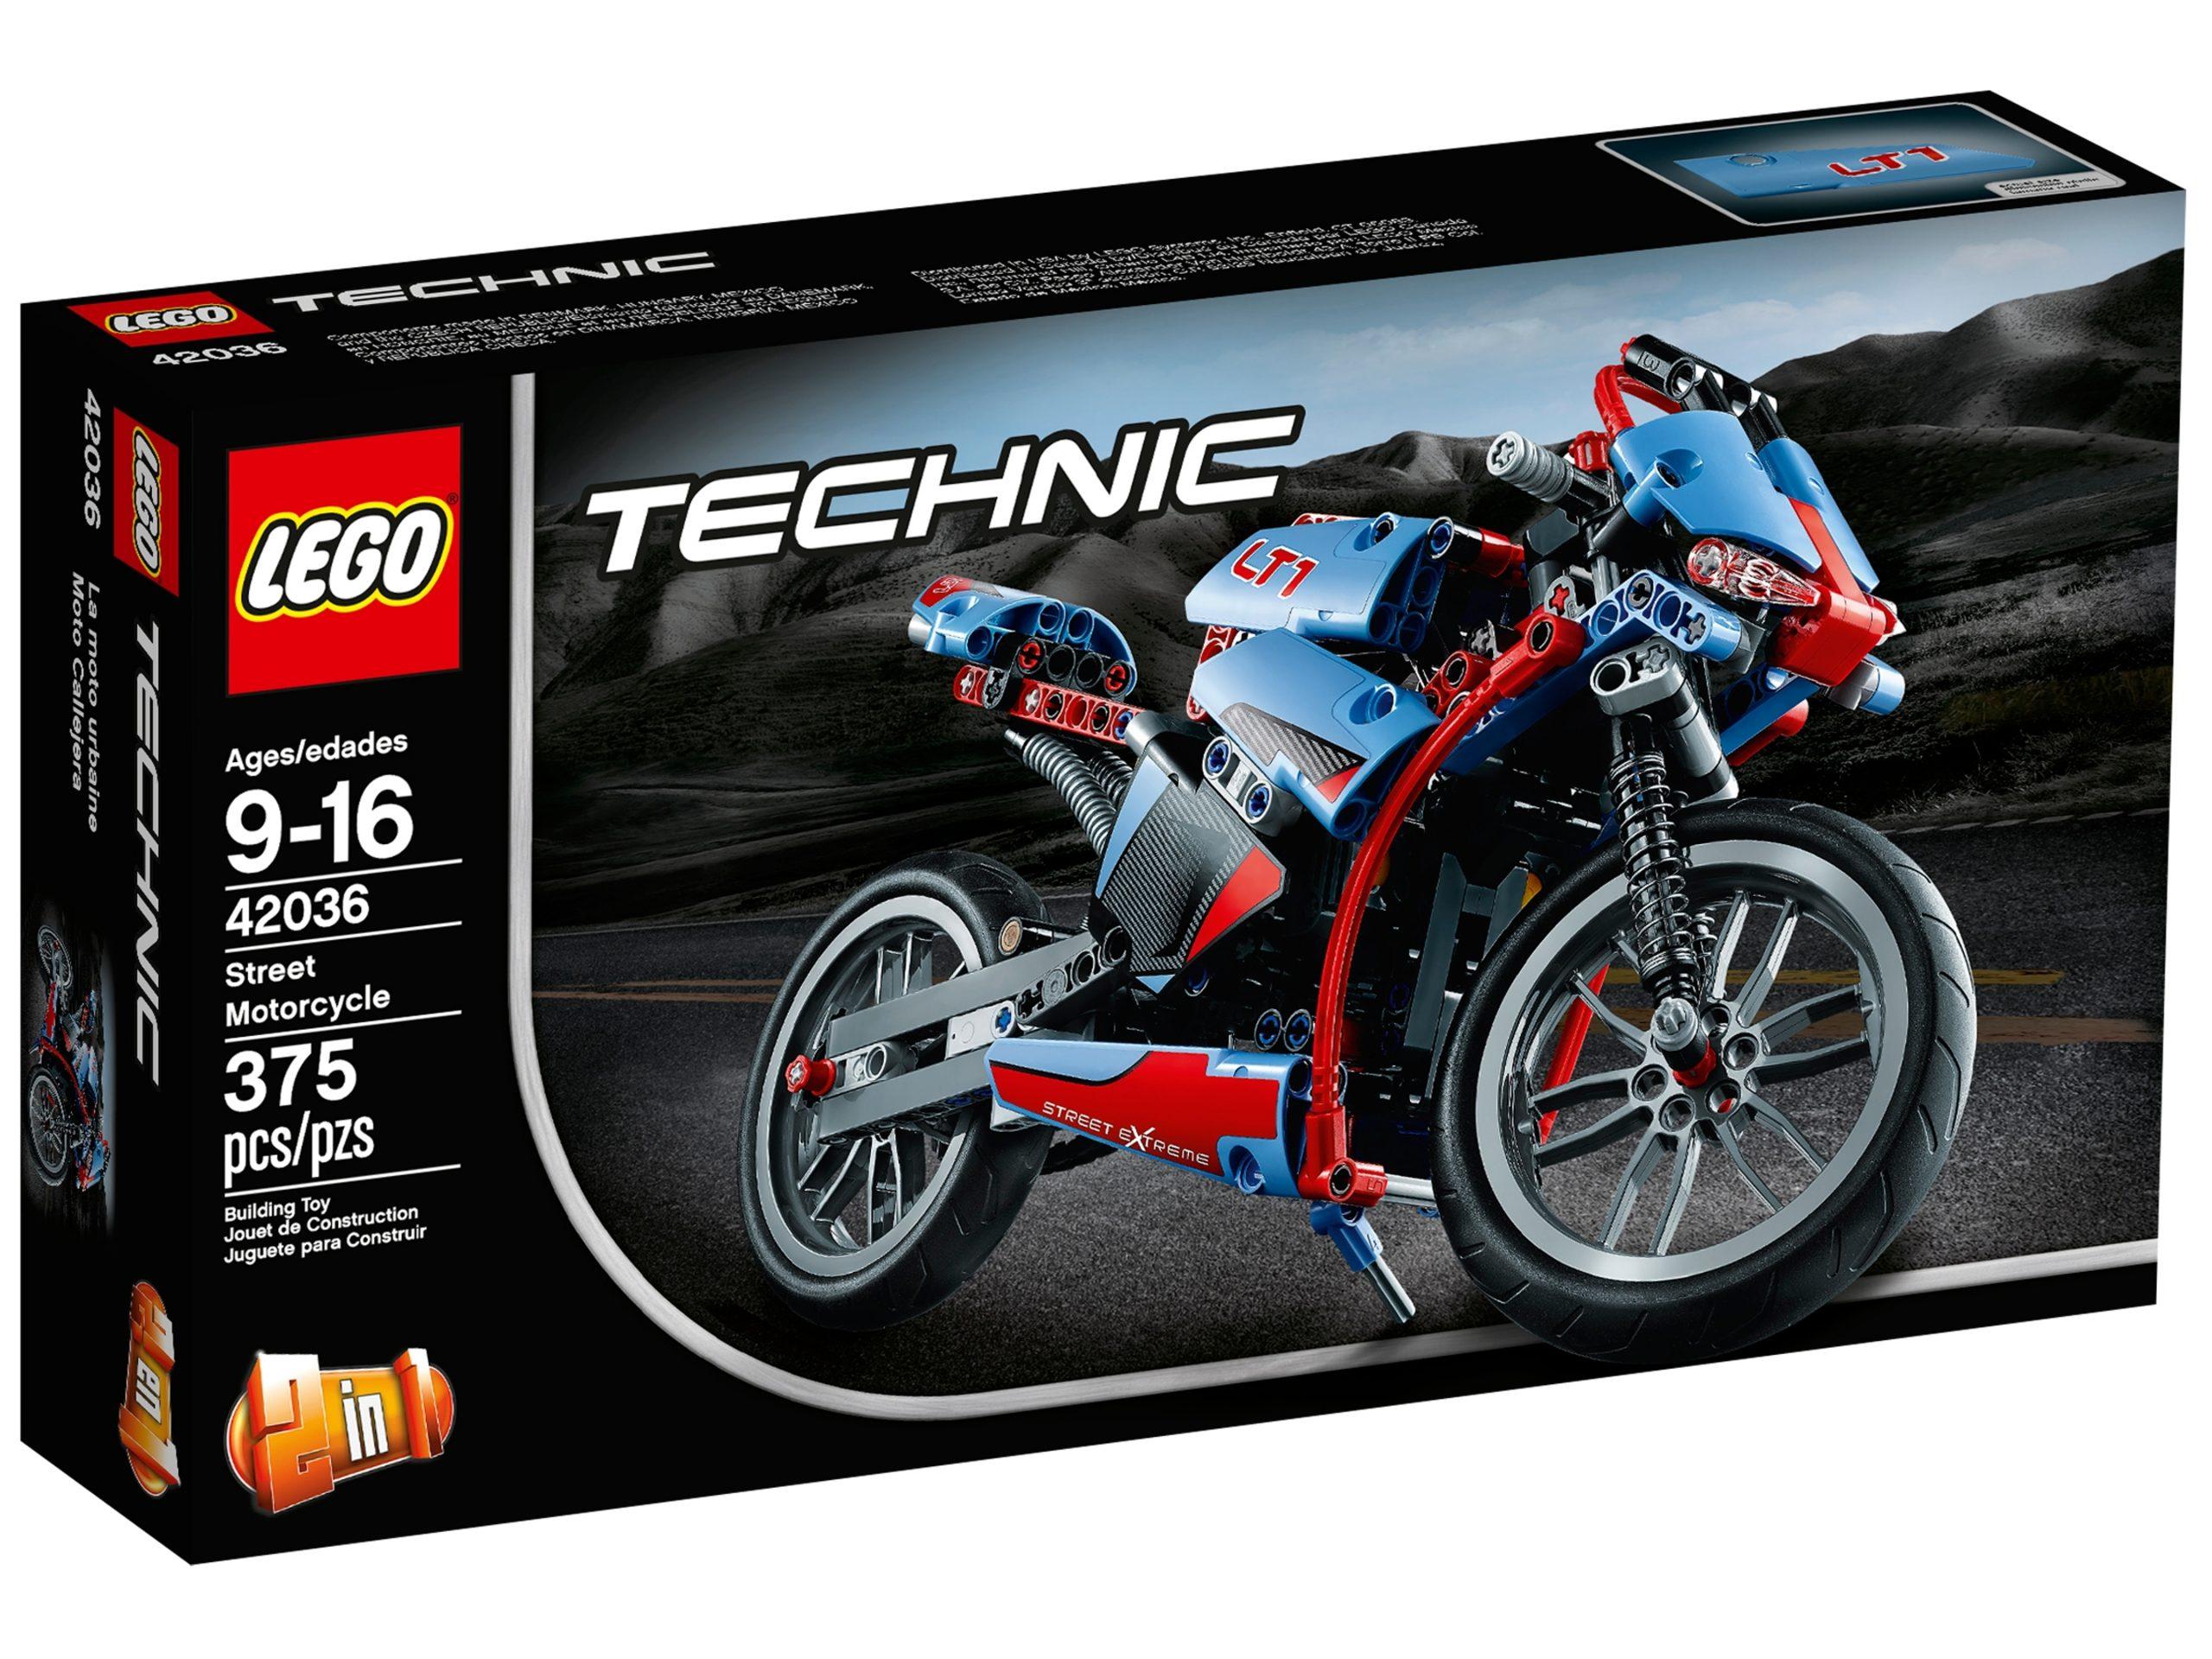 lego 42036 street motorcycle scaled